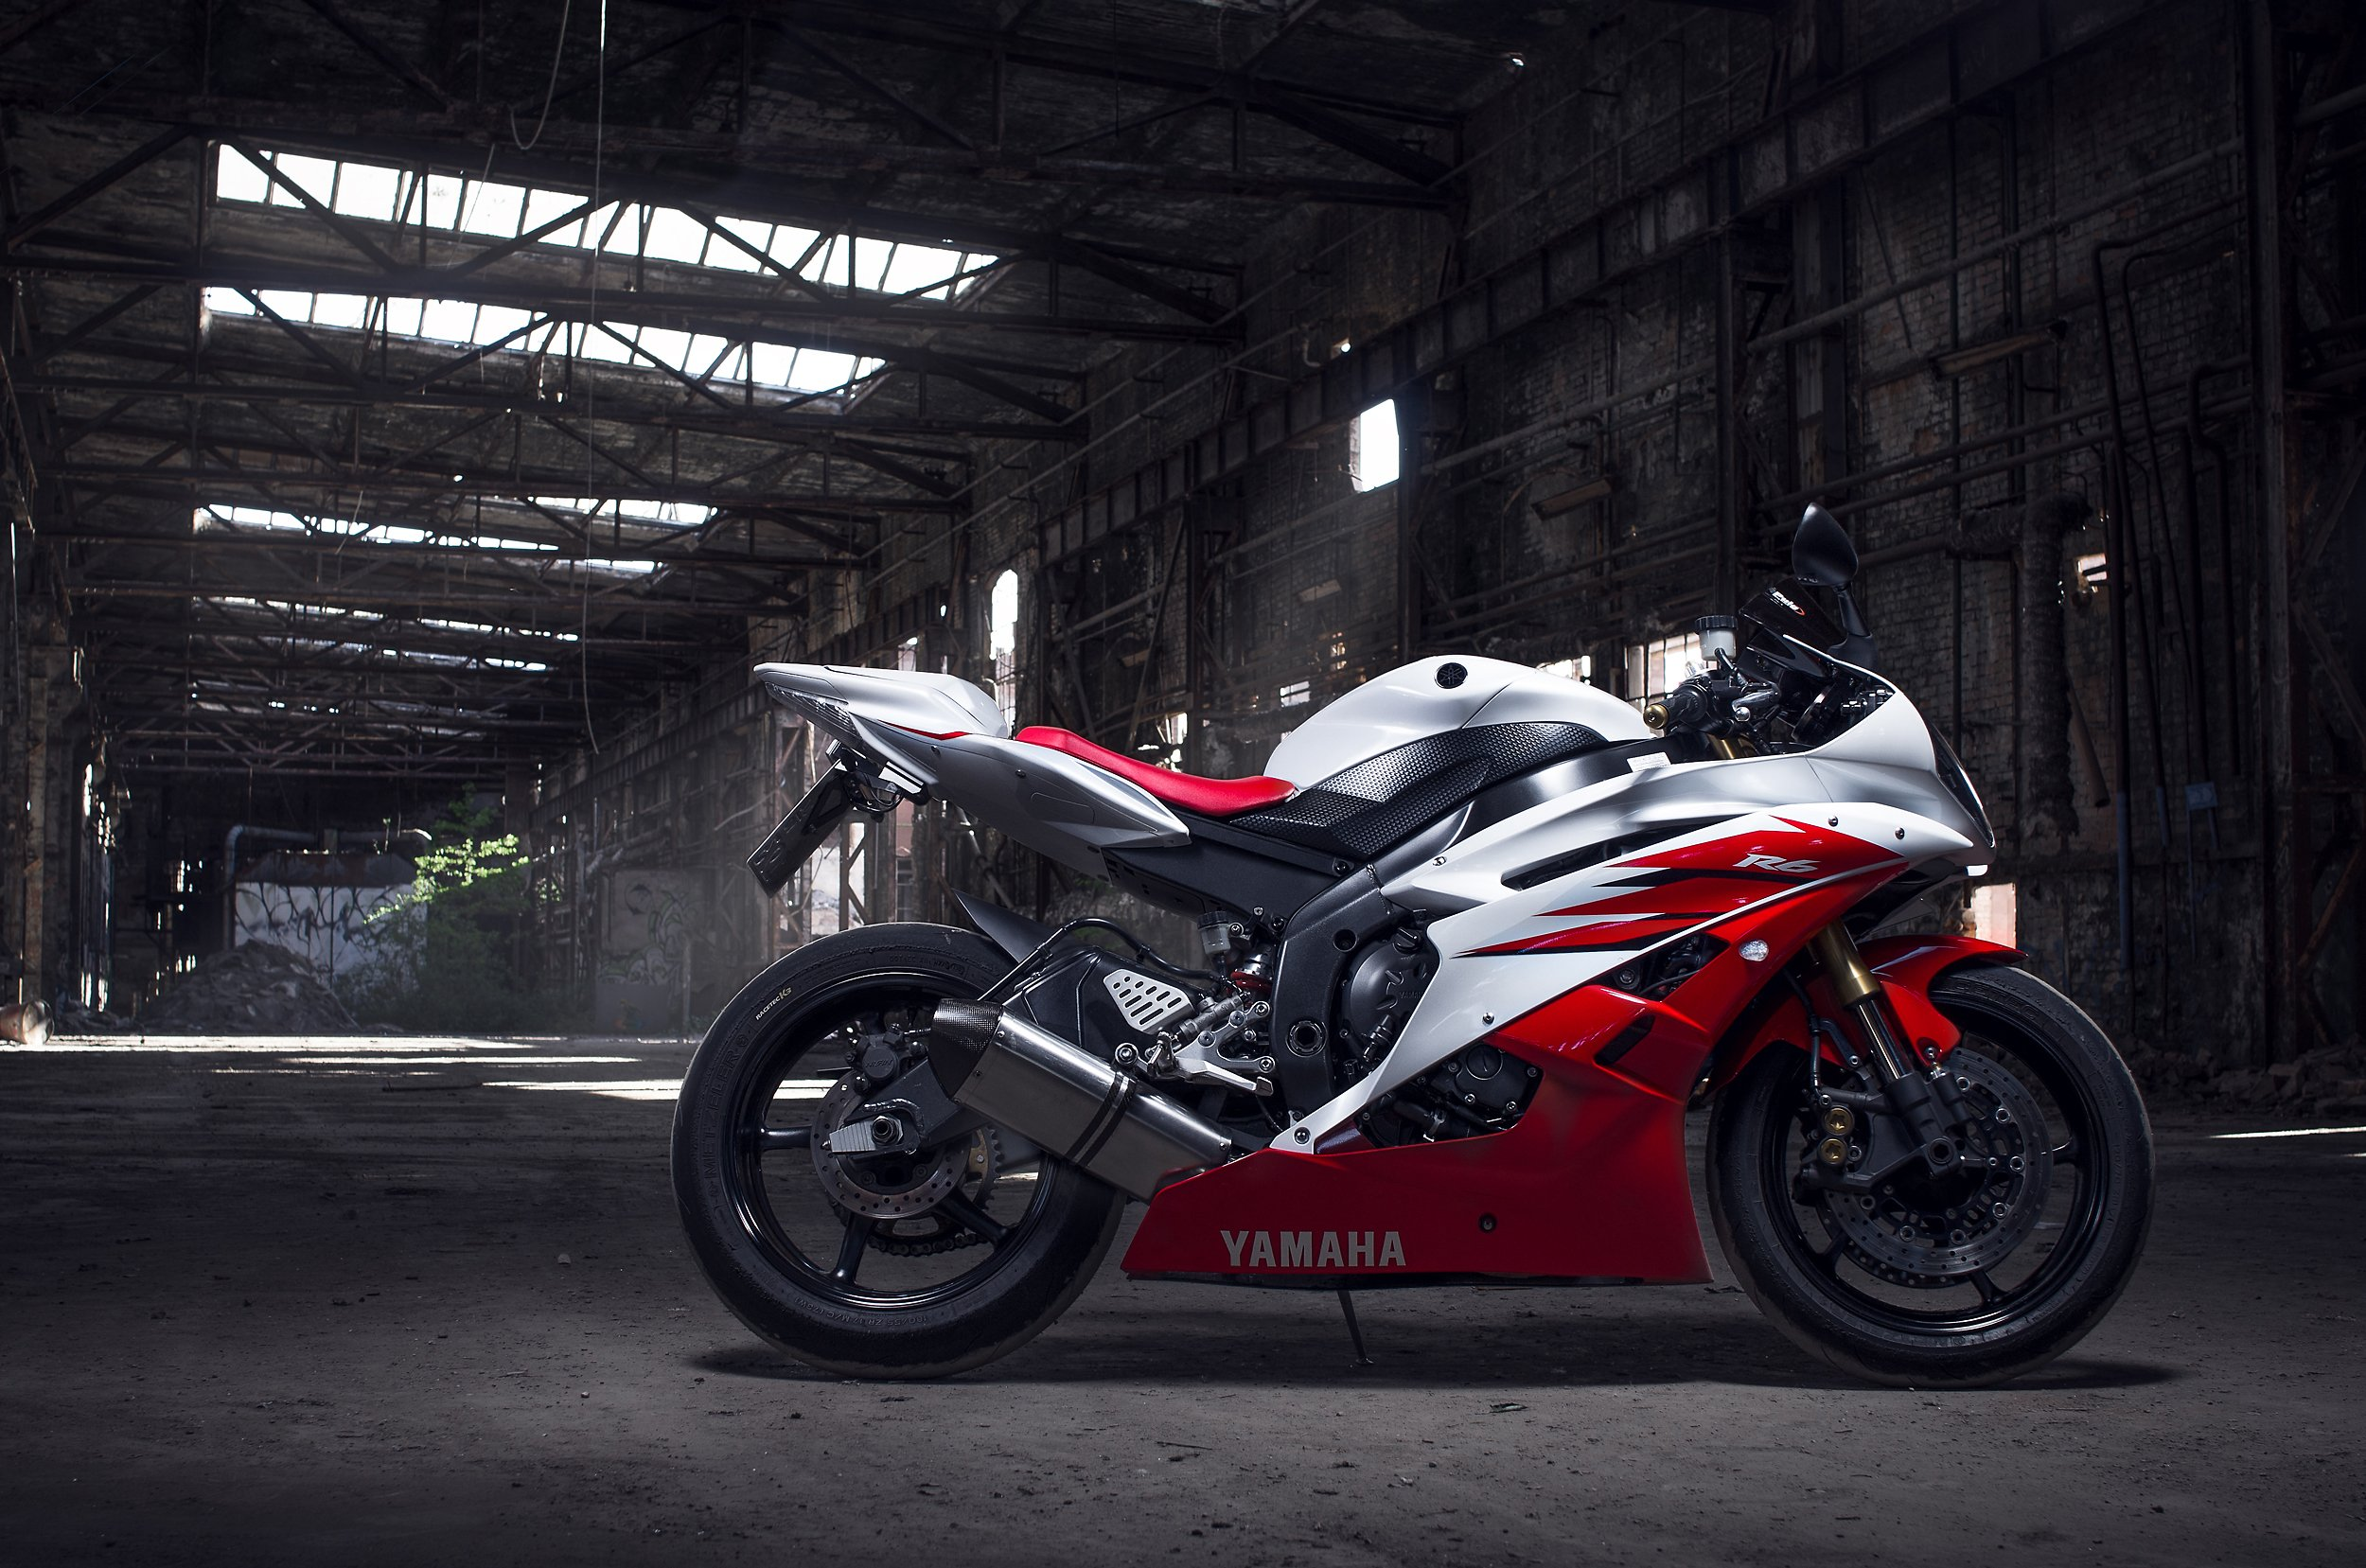 Yamaha R6 Wallpaper 2500x1657 349398 WallpaperUP